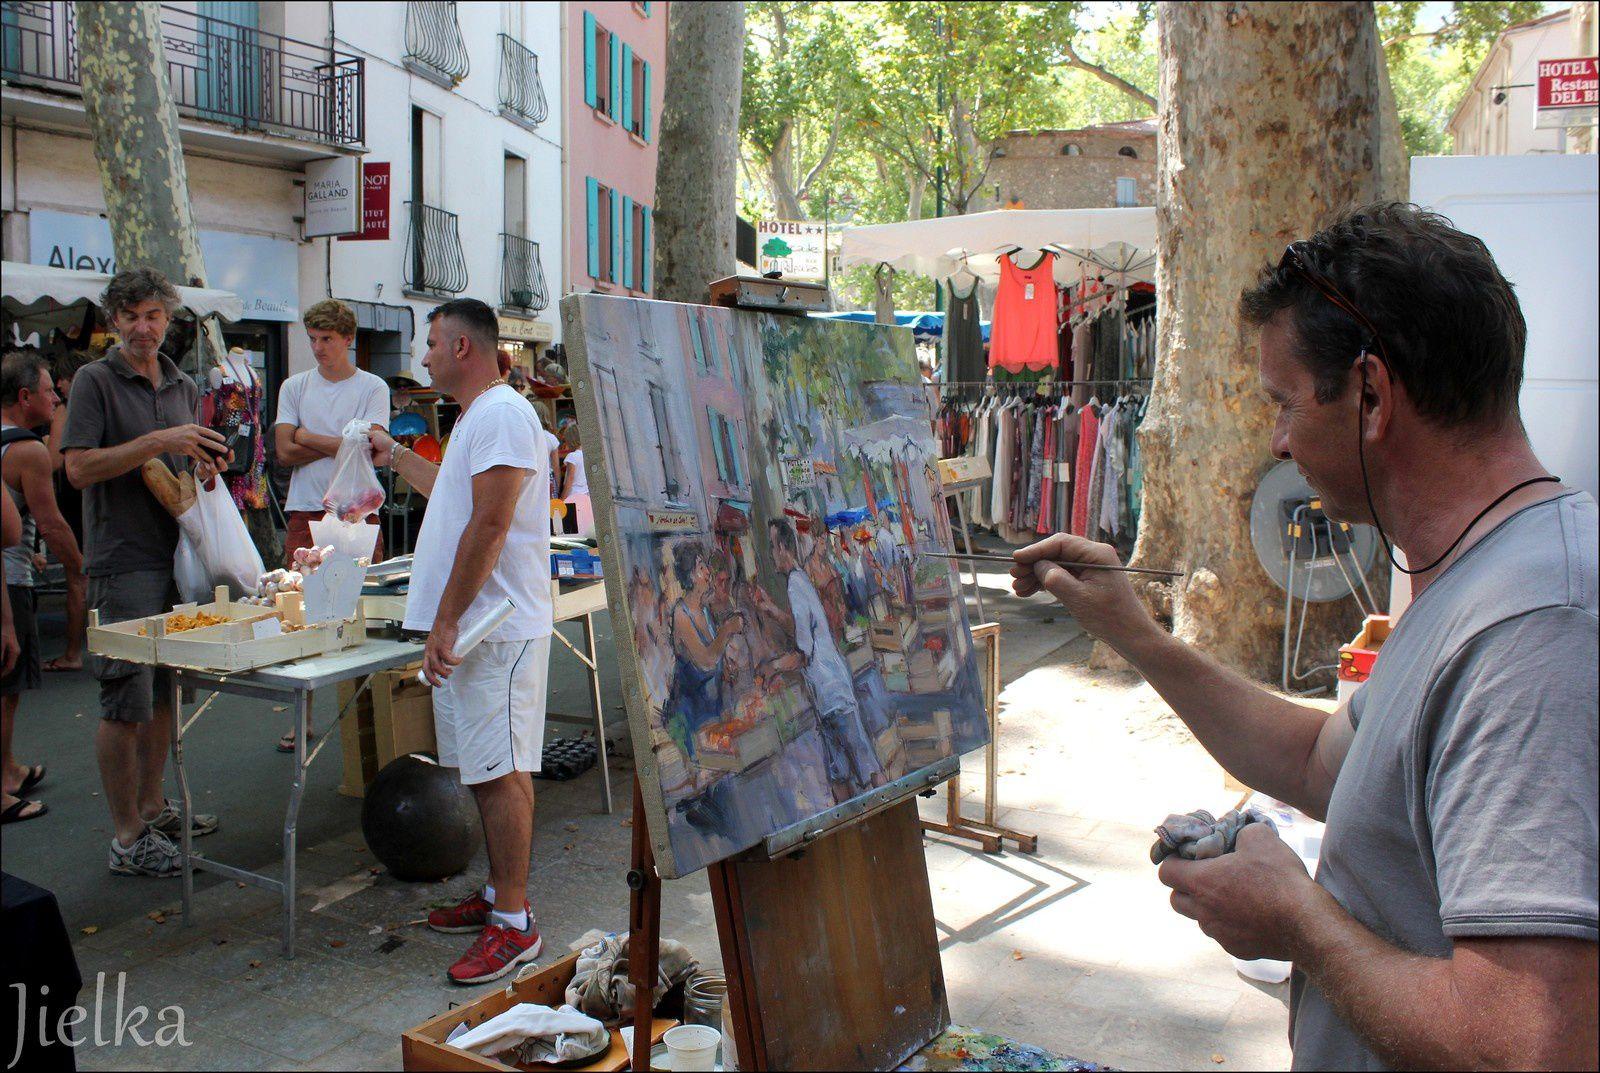 Des marchands des quatres saisons, de sympatiques boutiques, de drôles d'instruments pour une belle musique et un artiste peintre que l'on croise régulièrement dans les rues de Céret.